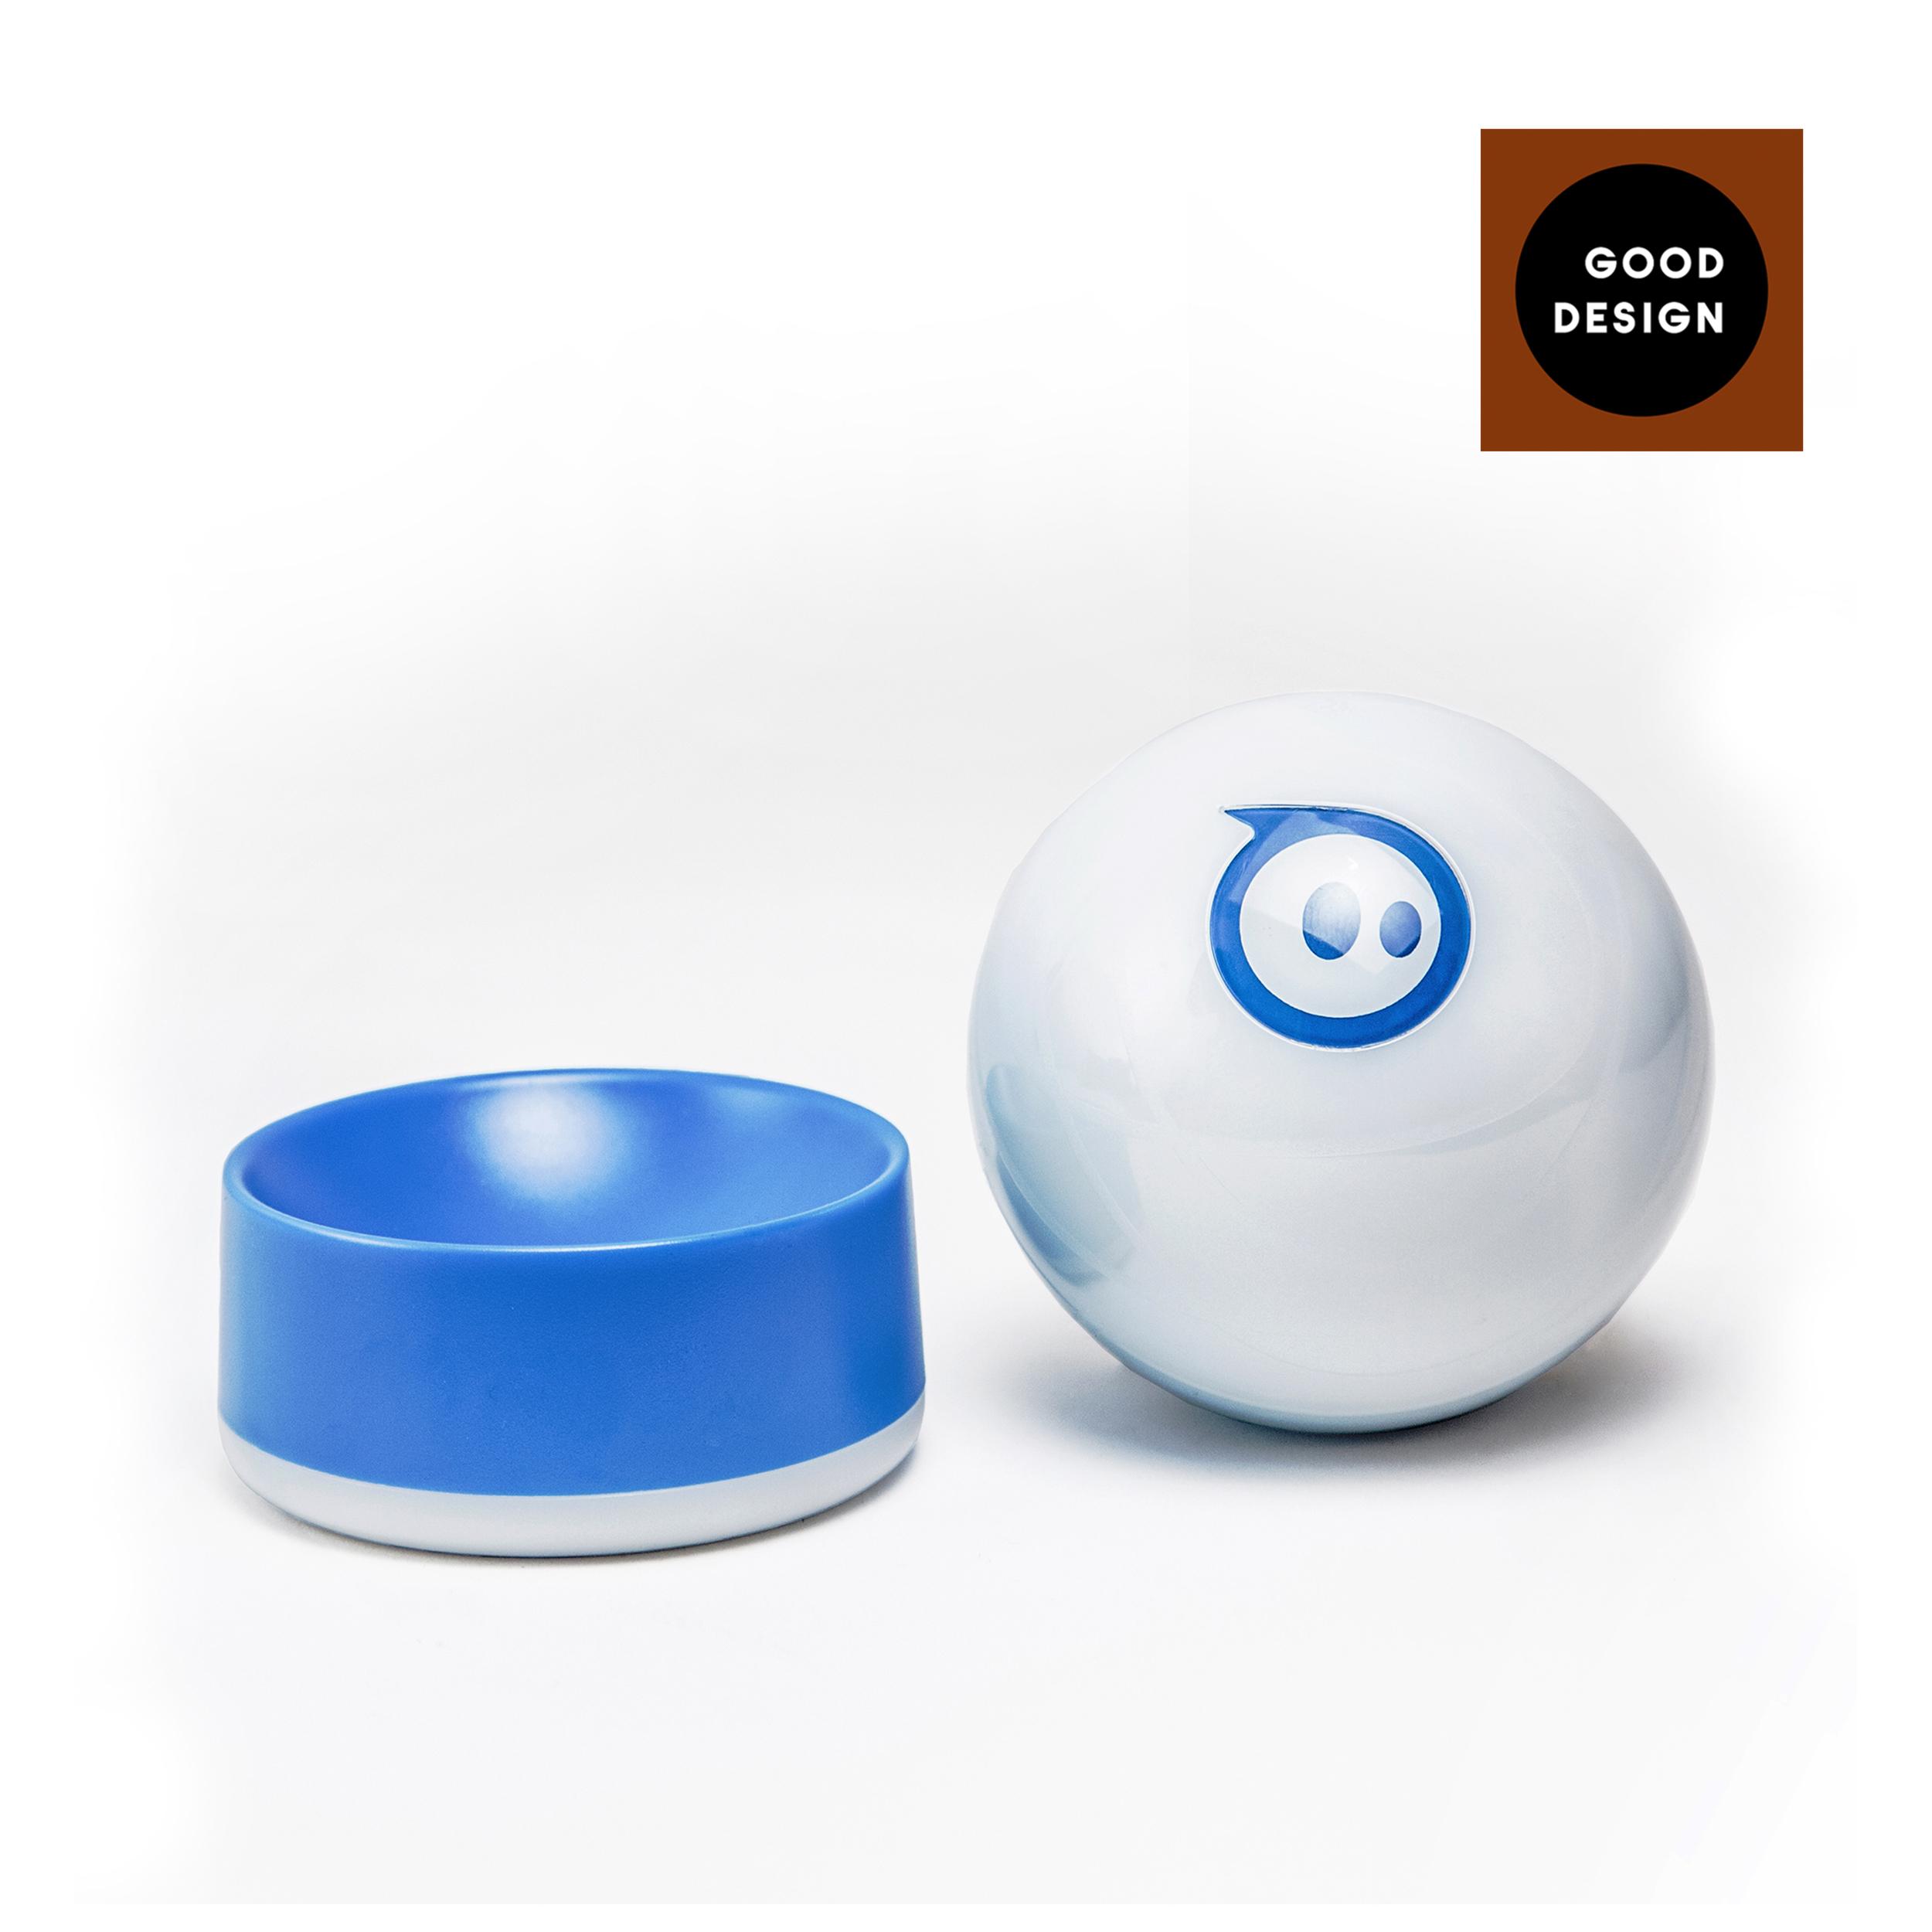 Sphero   Good Design Award